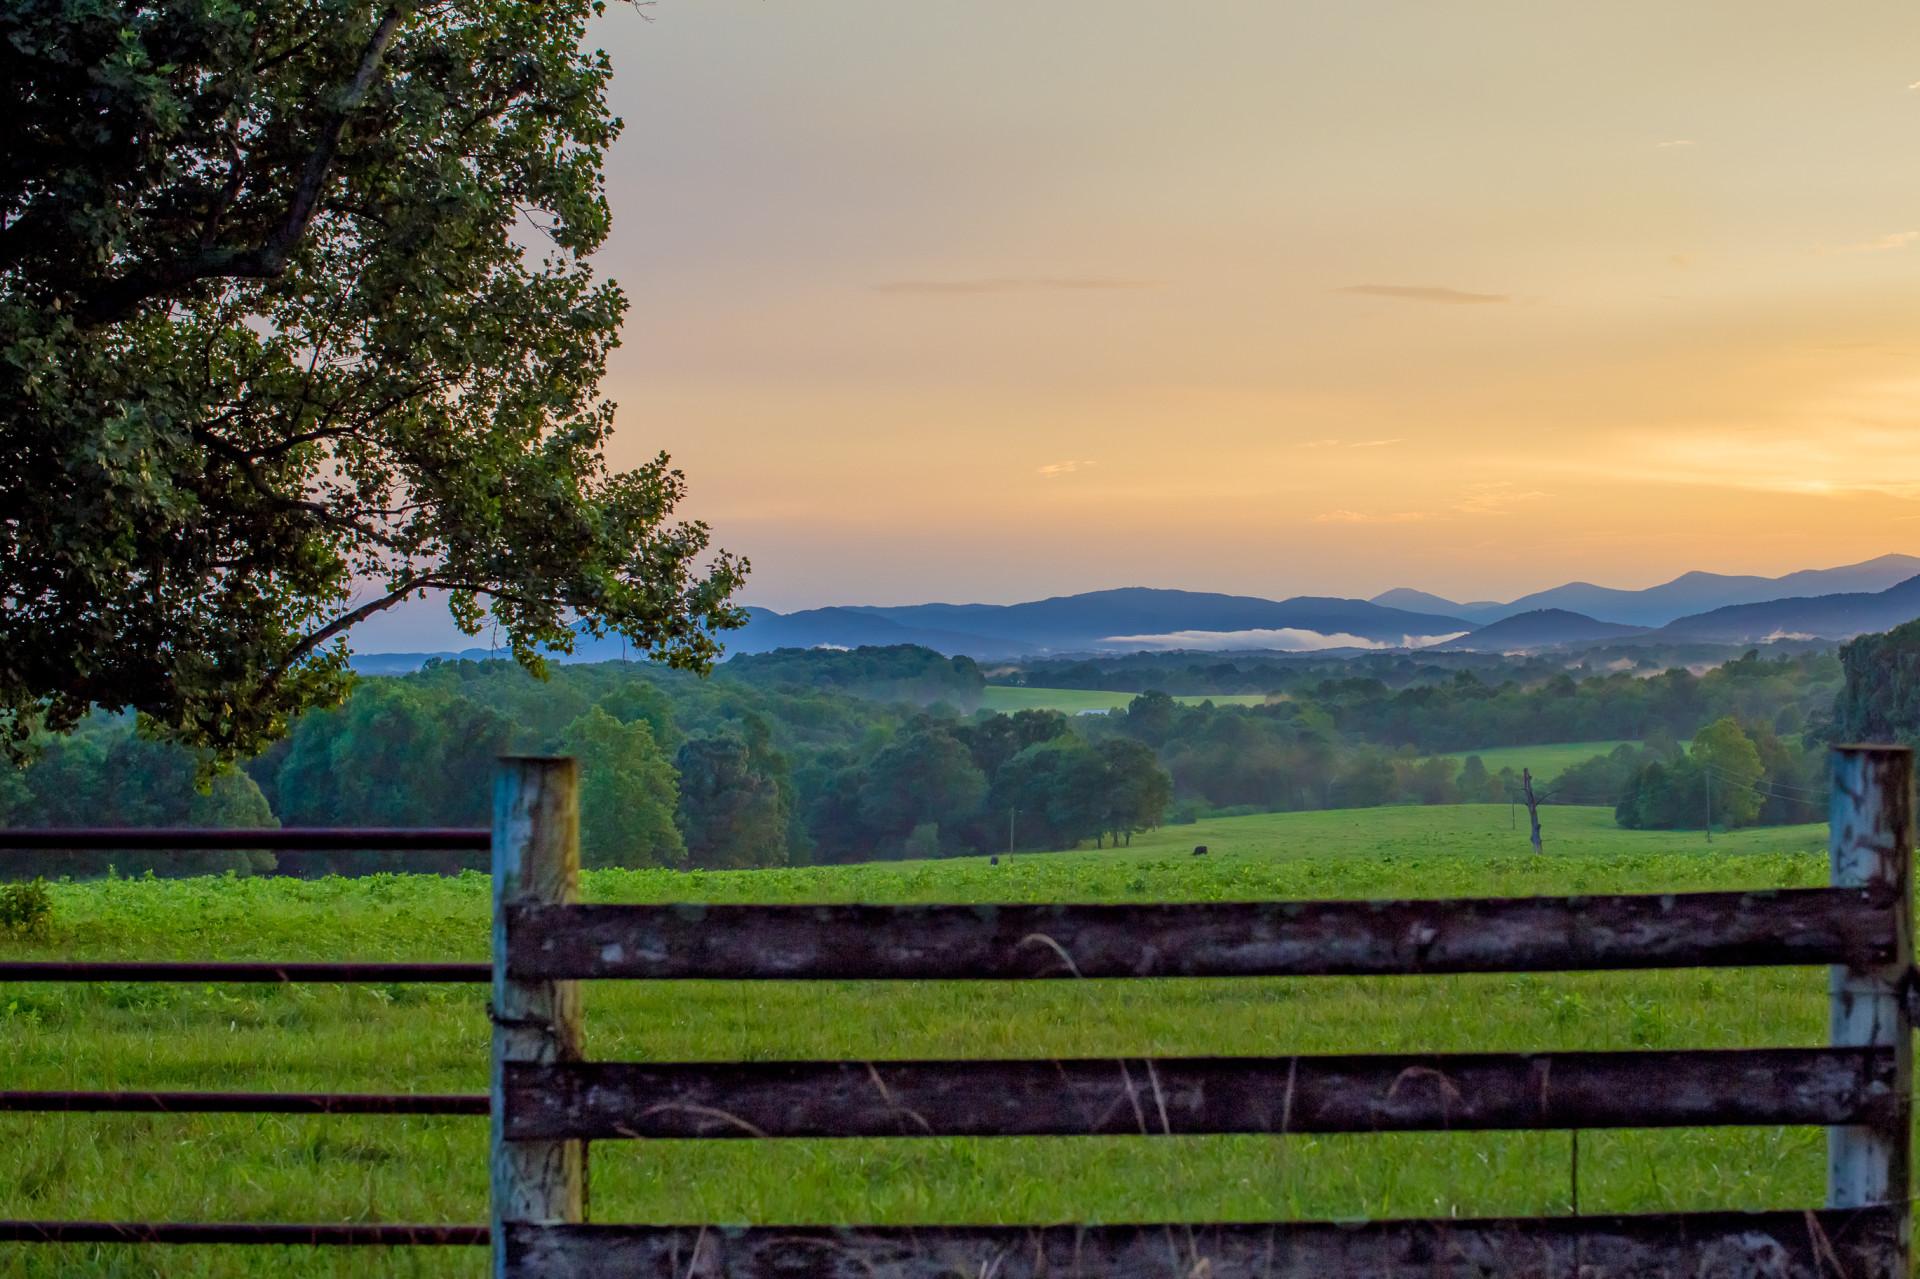 LHP-Farmland-Mountain-View.jpg